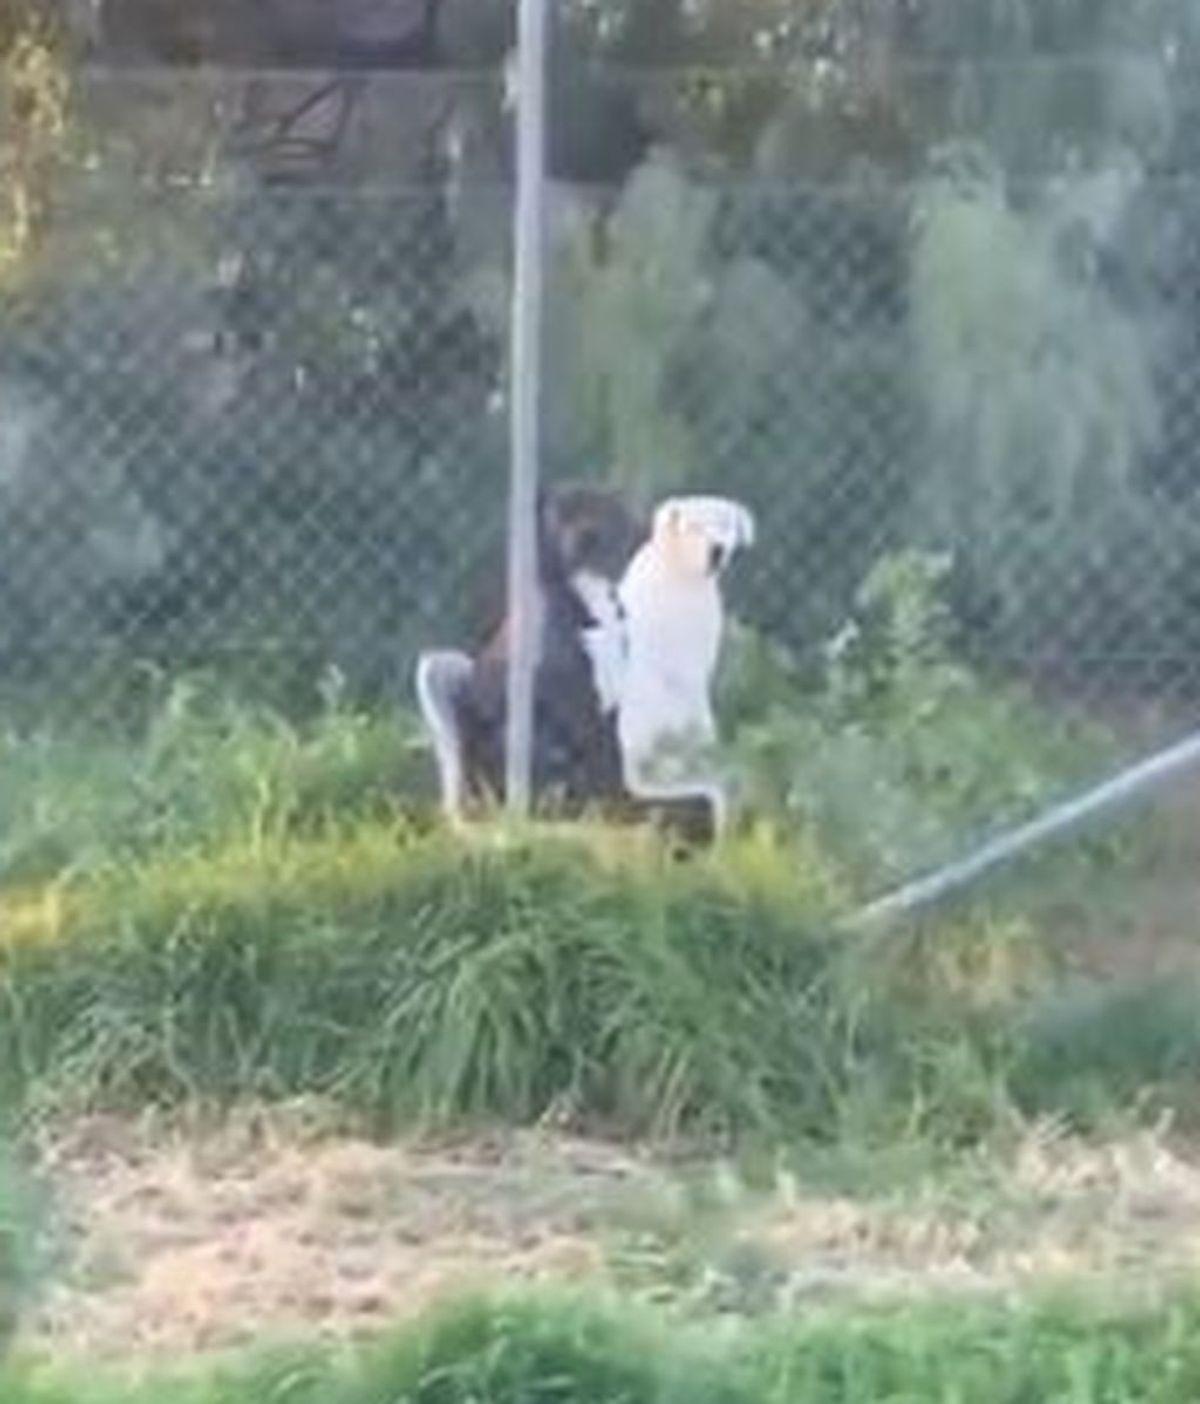 Graban a dos perros sentados en sillas de jardín en Australia